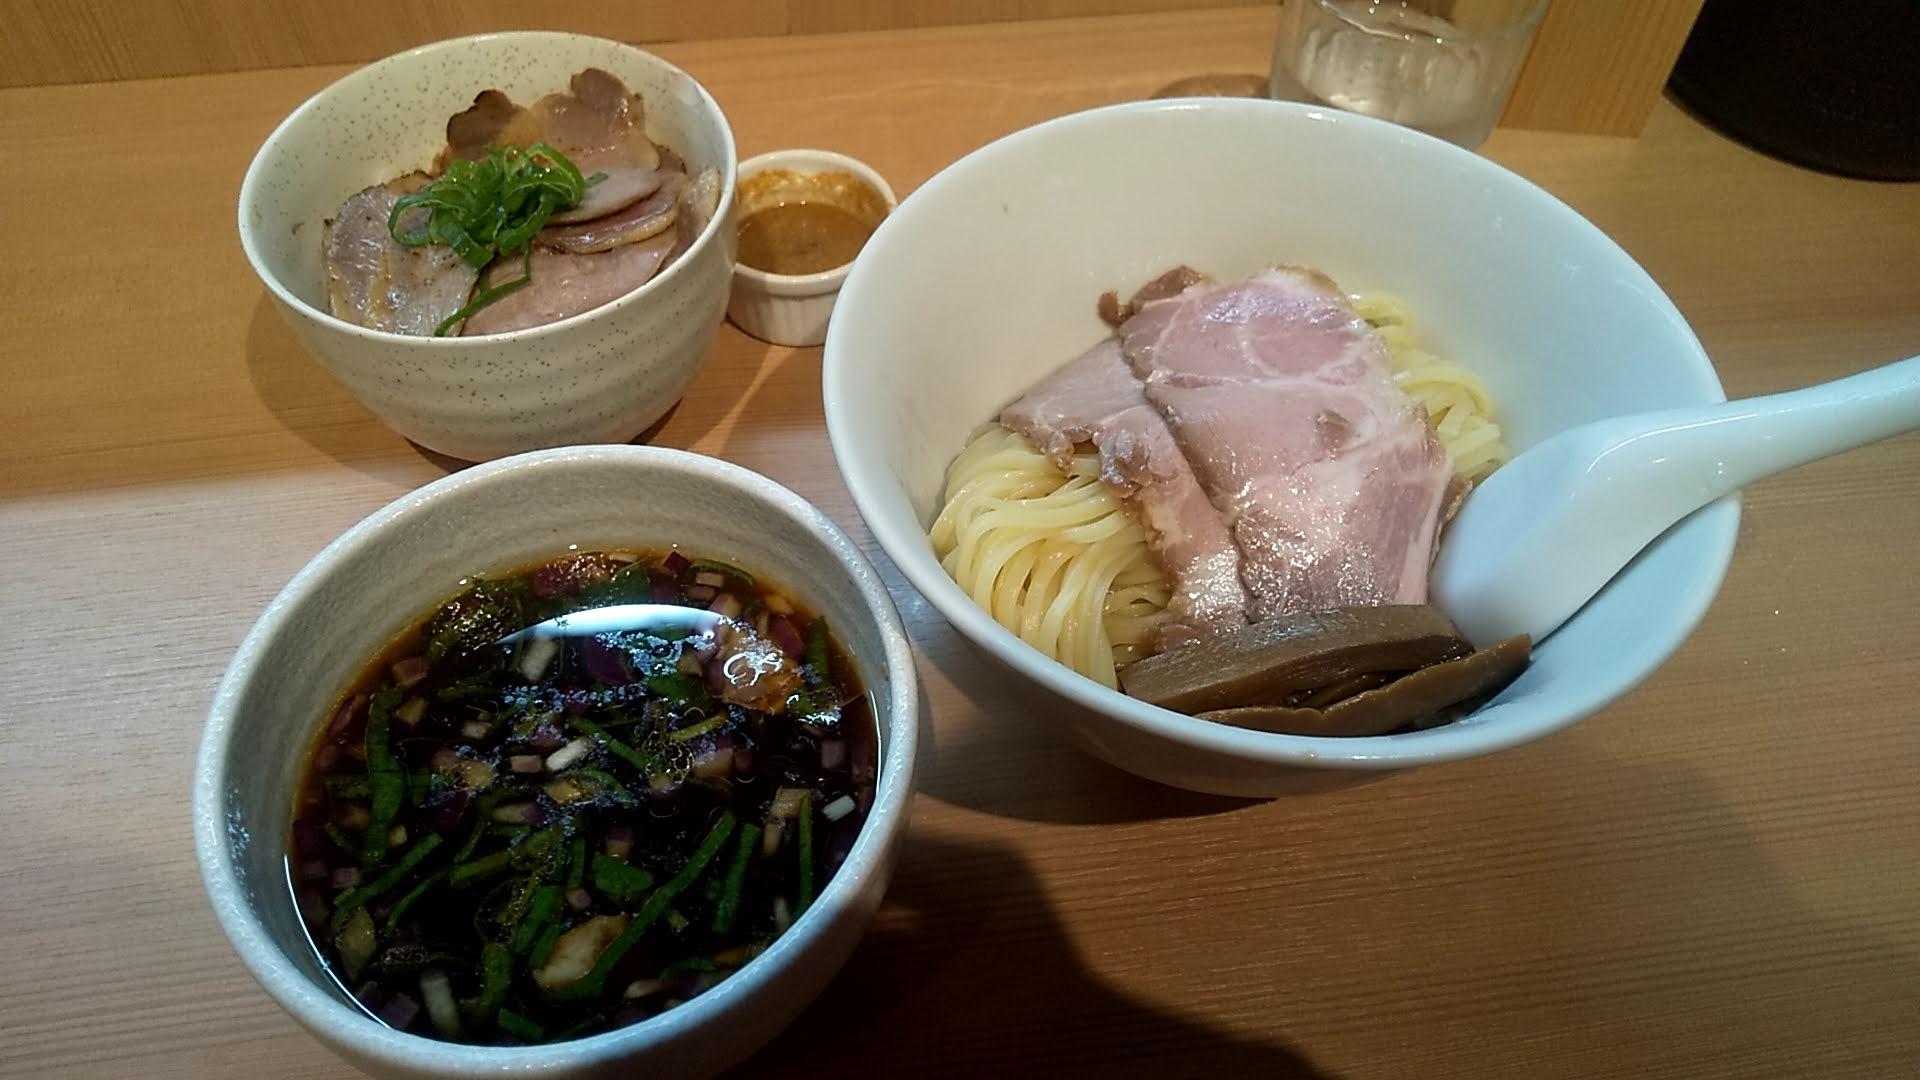 らぁ麺田じまの特製つけ麺とチャーシュー丼の写真